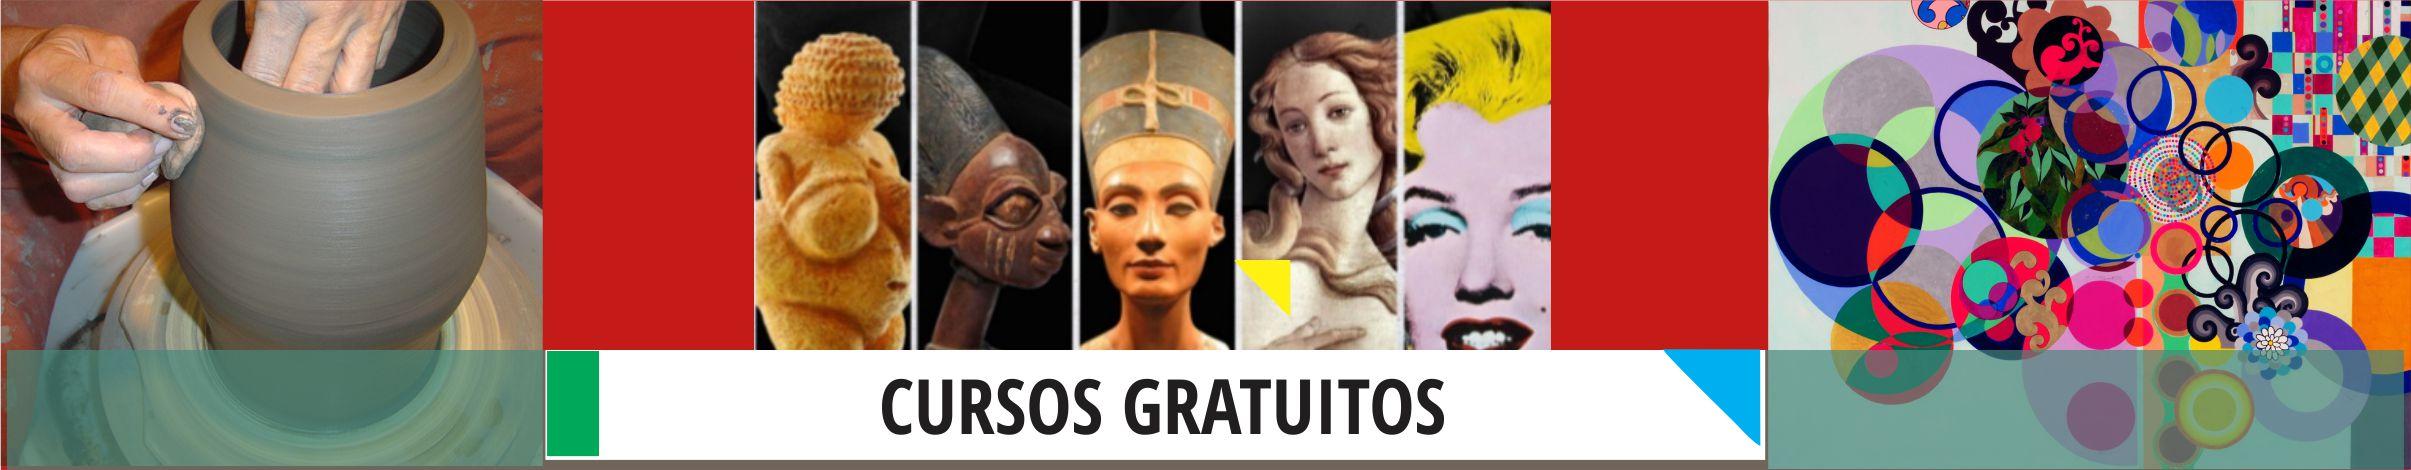 Cursos Gratuitos - Fundição de Artes e Ofícios